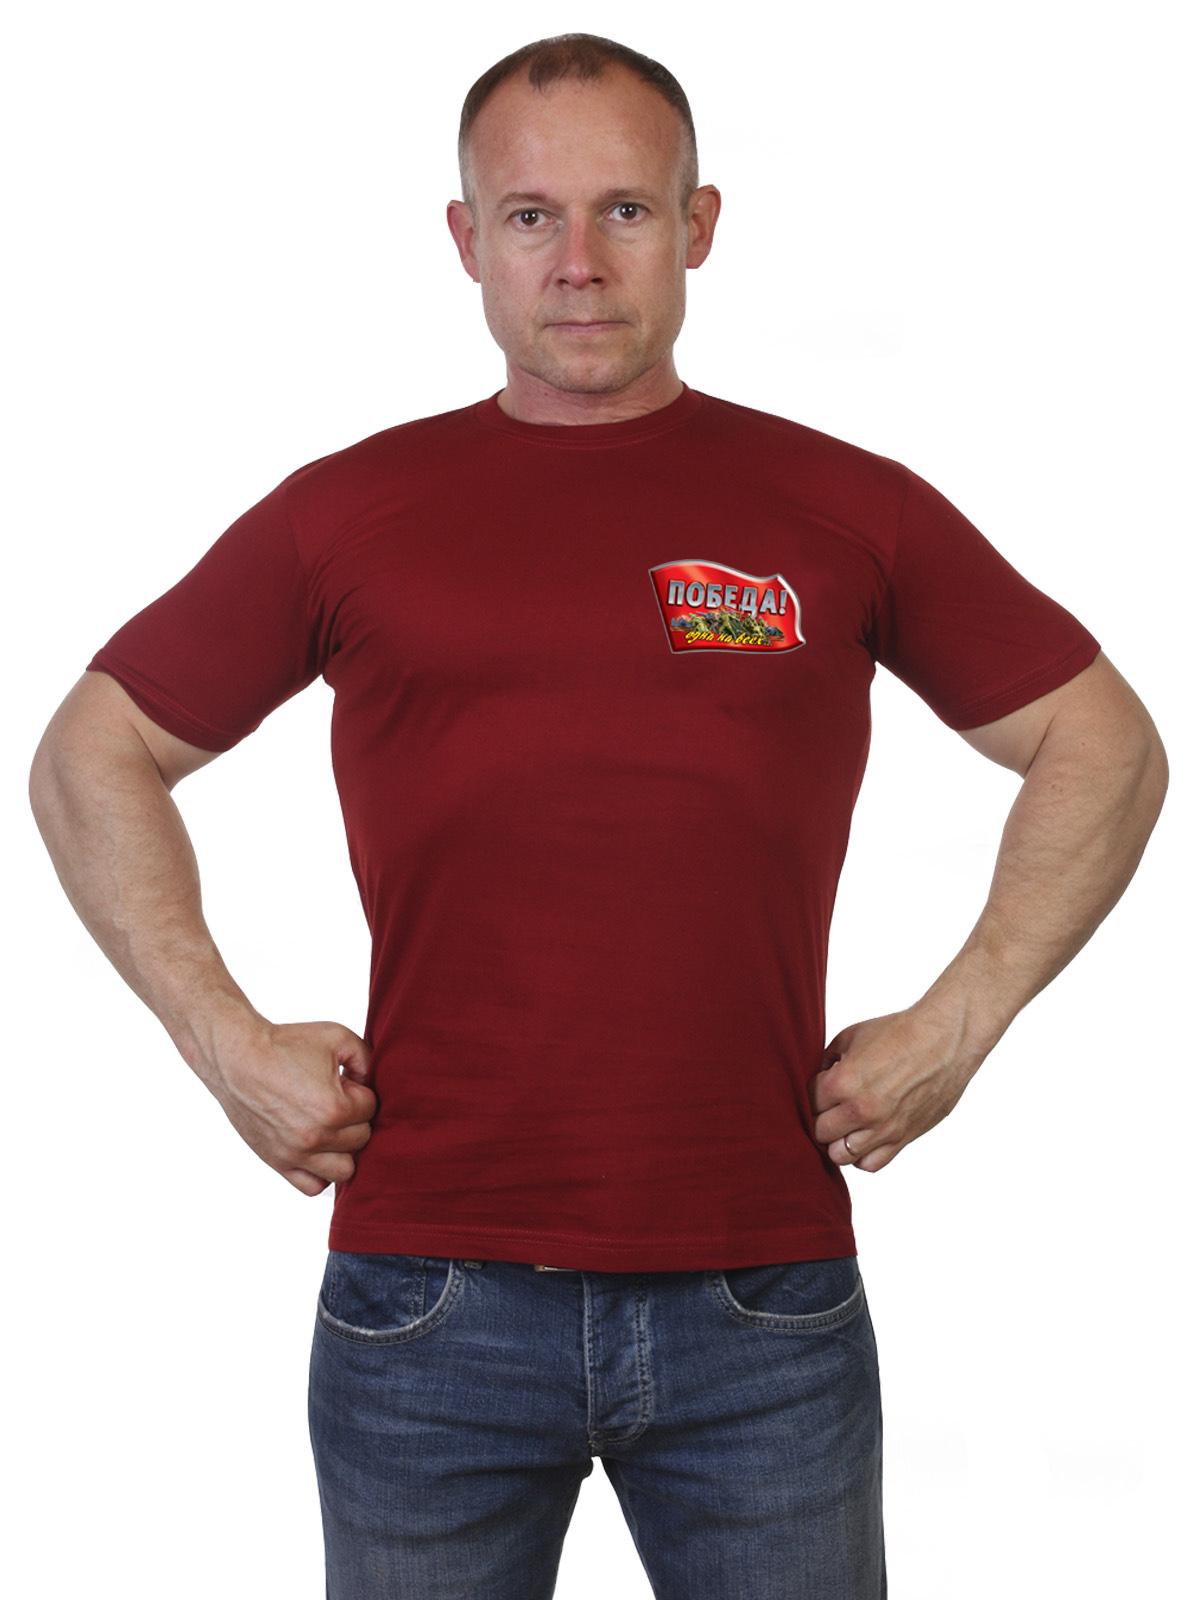 Заказать футболку с принтом Победа в интернет магазине